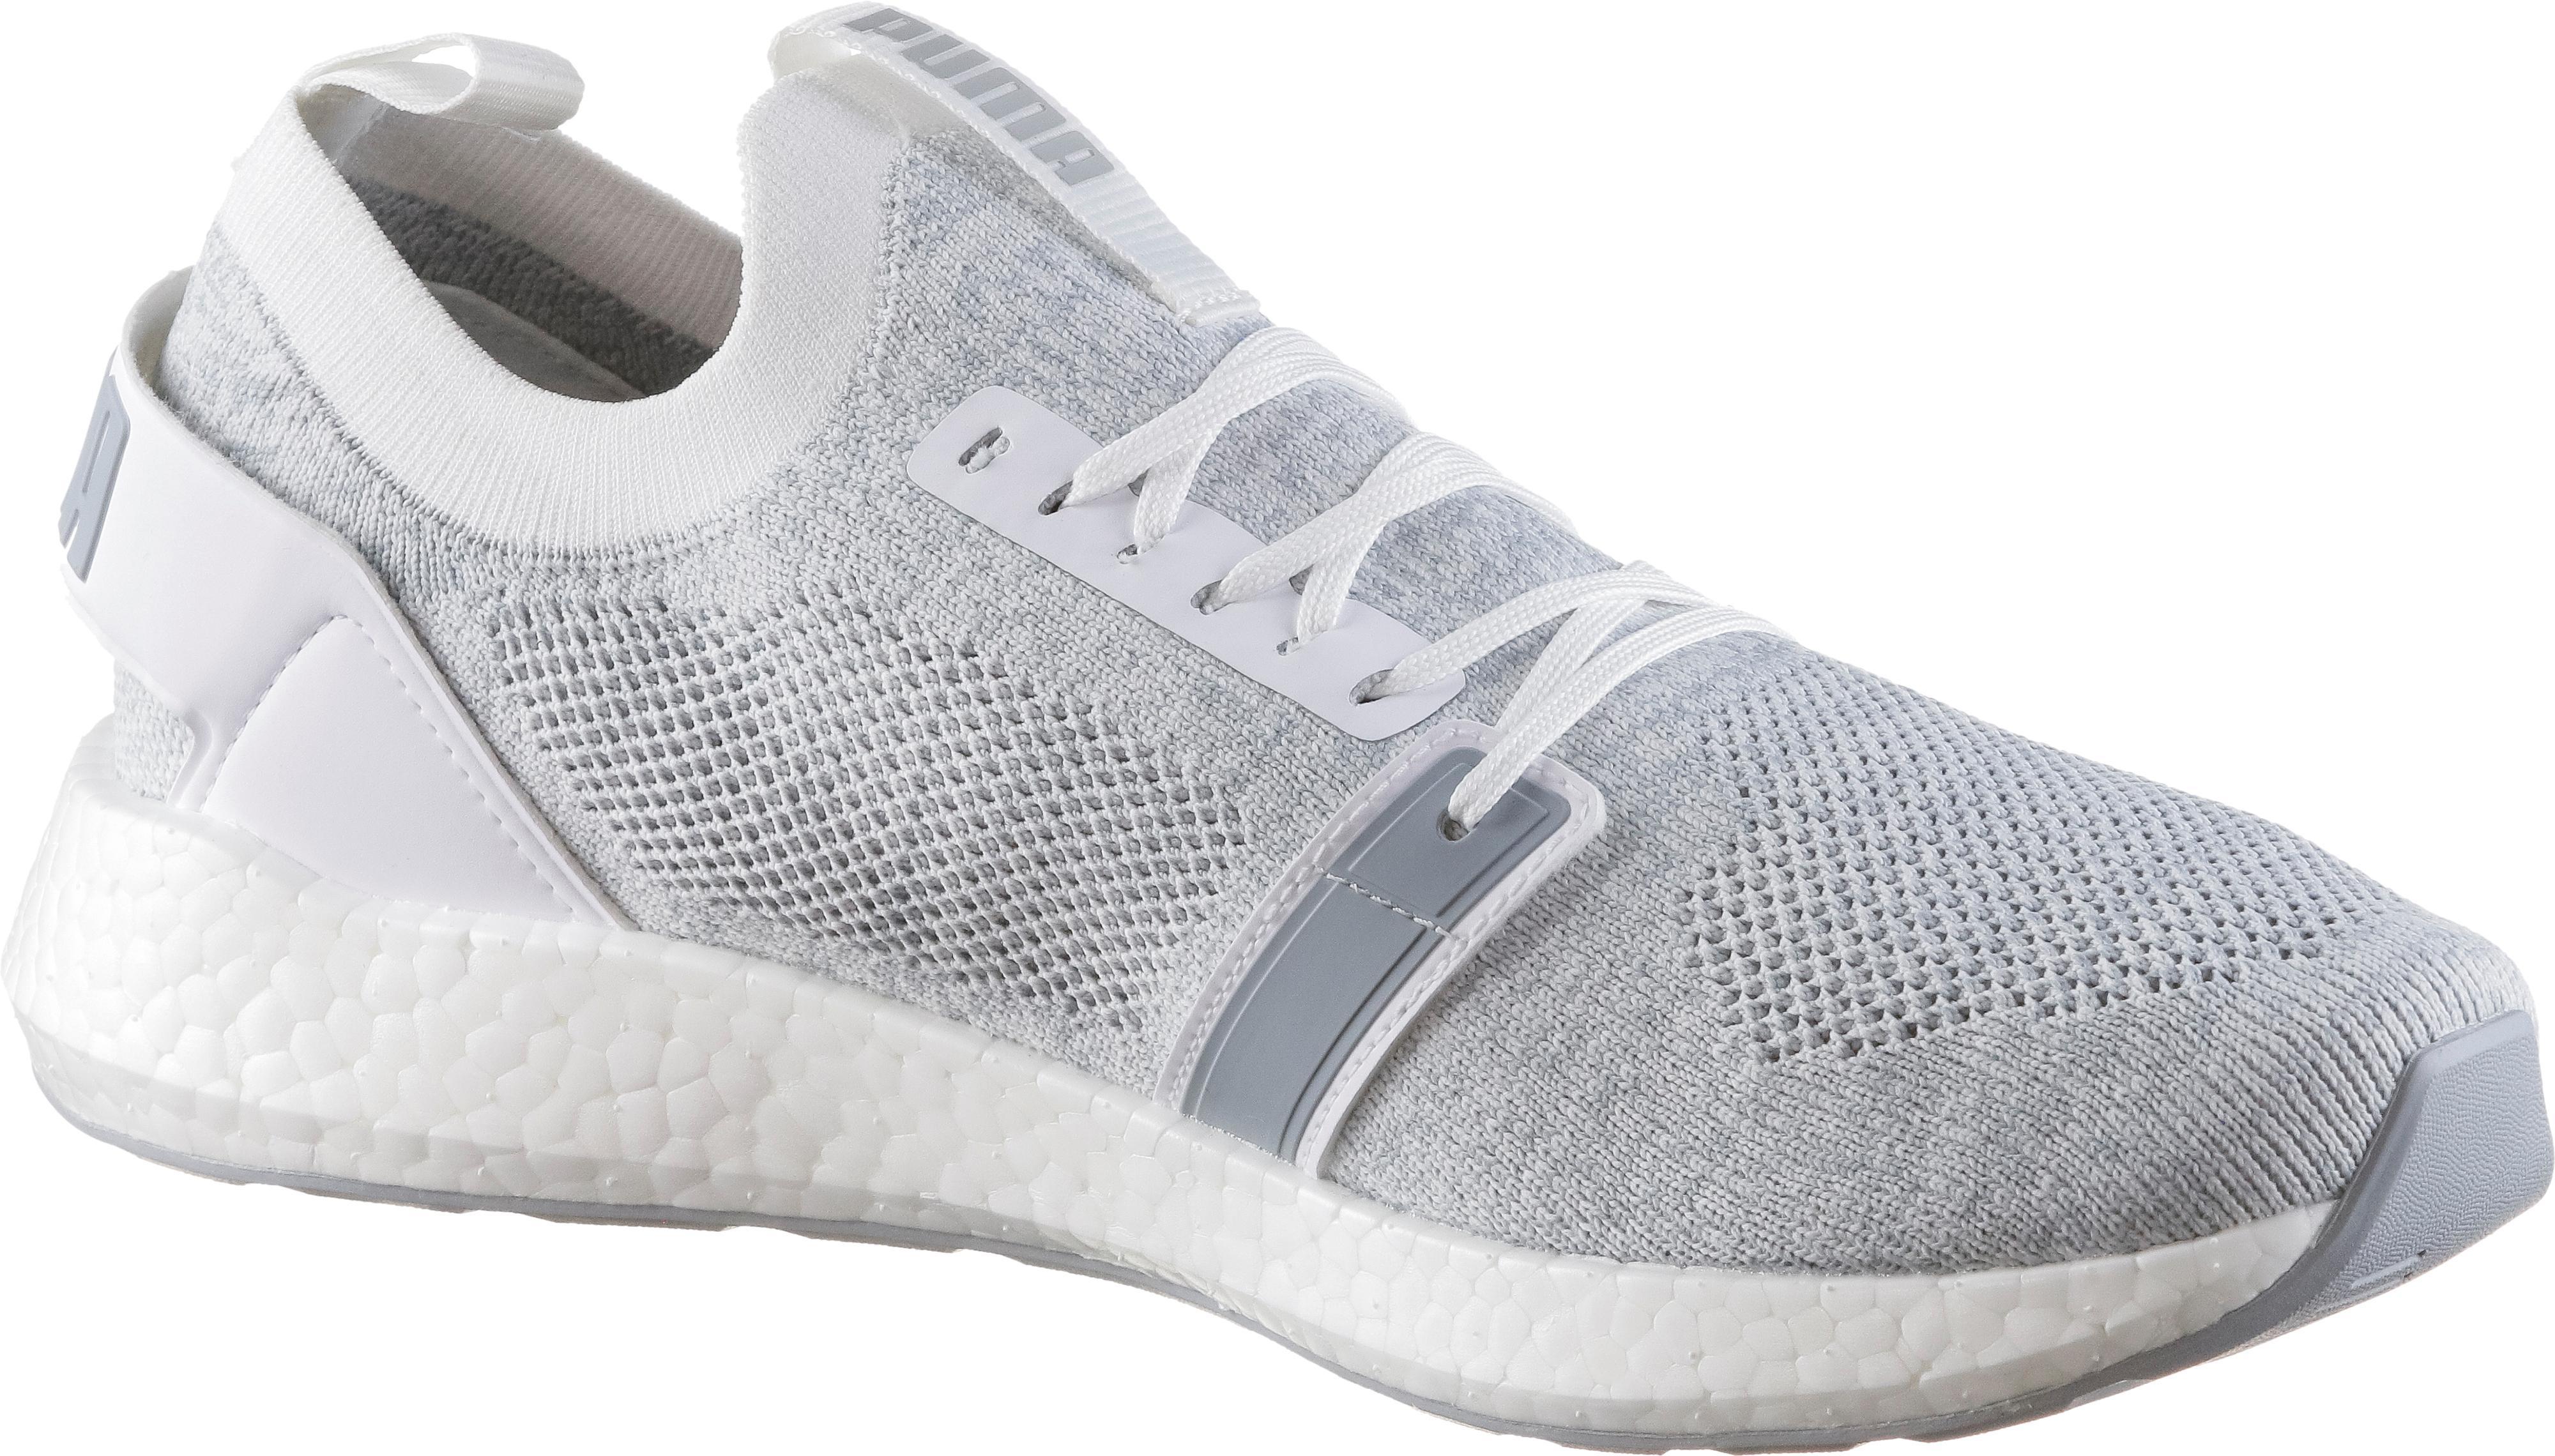 PUMA PUMA PUMA NRGY Neko Engineer Knit Fitnessschuhe Herren puma-Weiß-quarry im Online Shop von SportScheck kaufen Gute Qualität beliebte Schuhe beaa8f